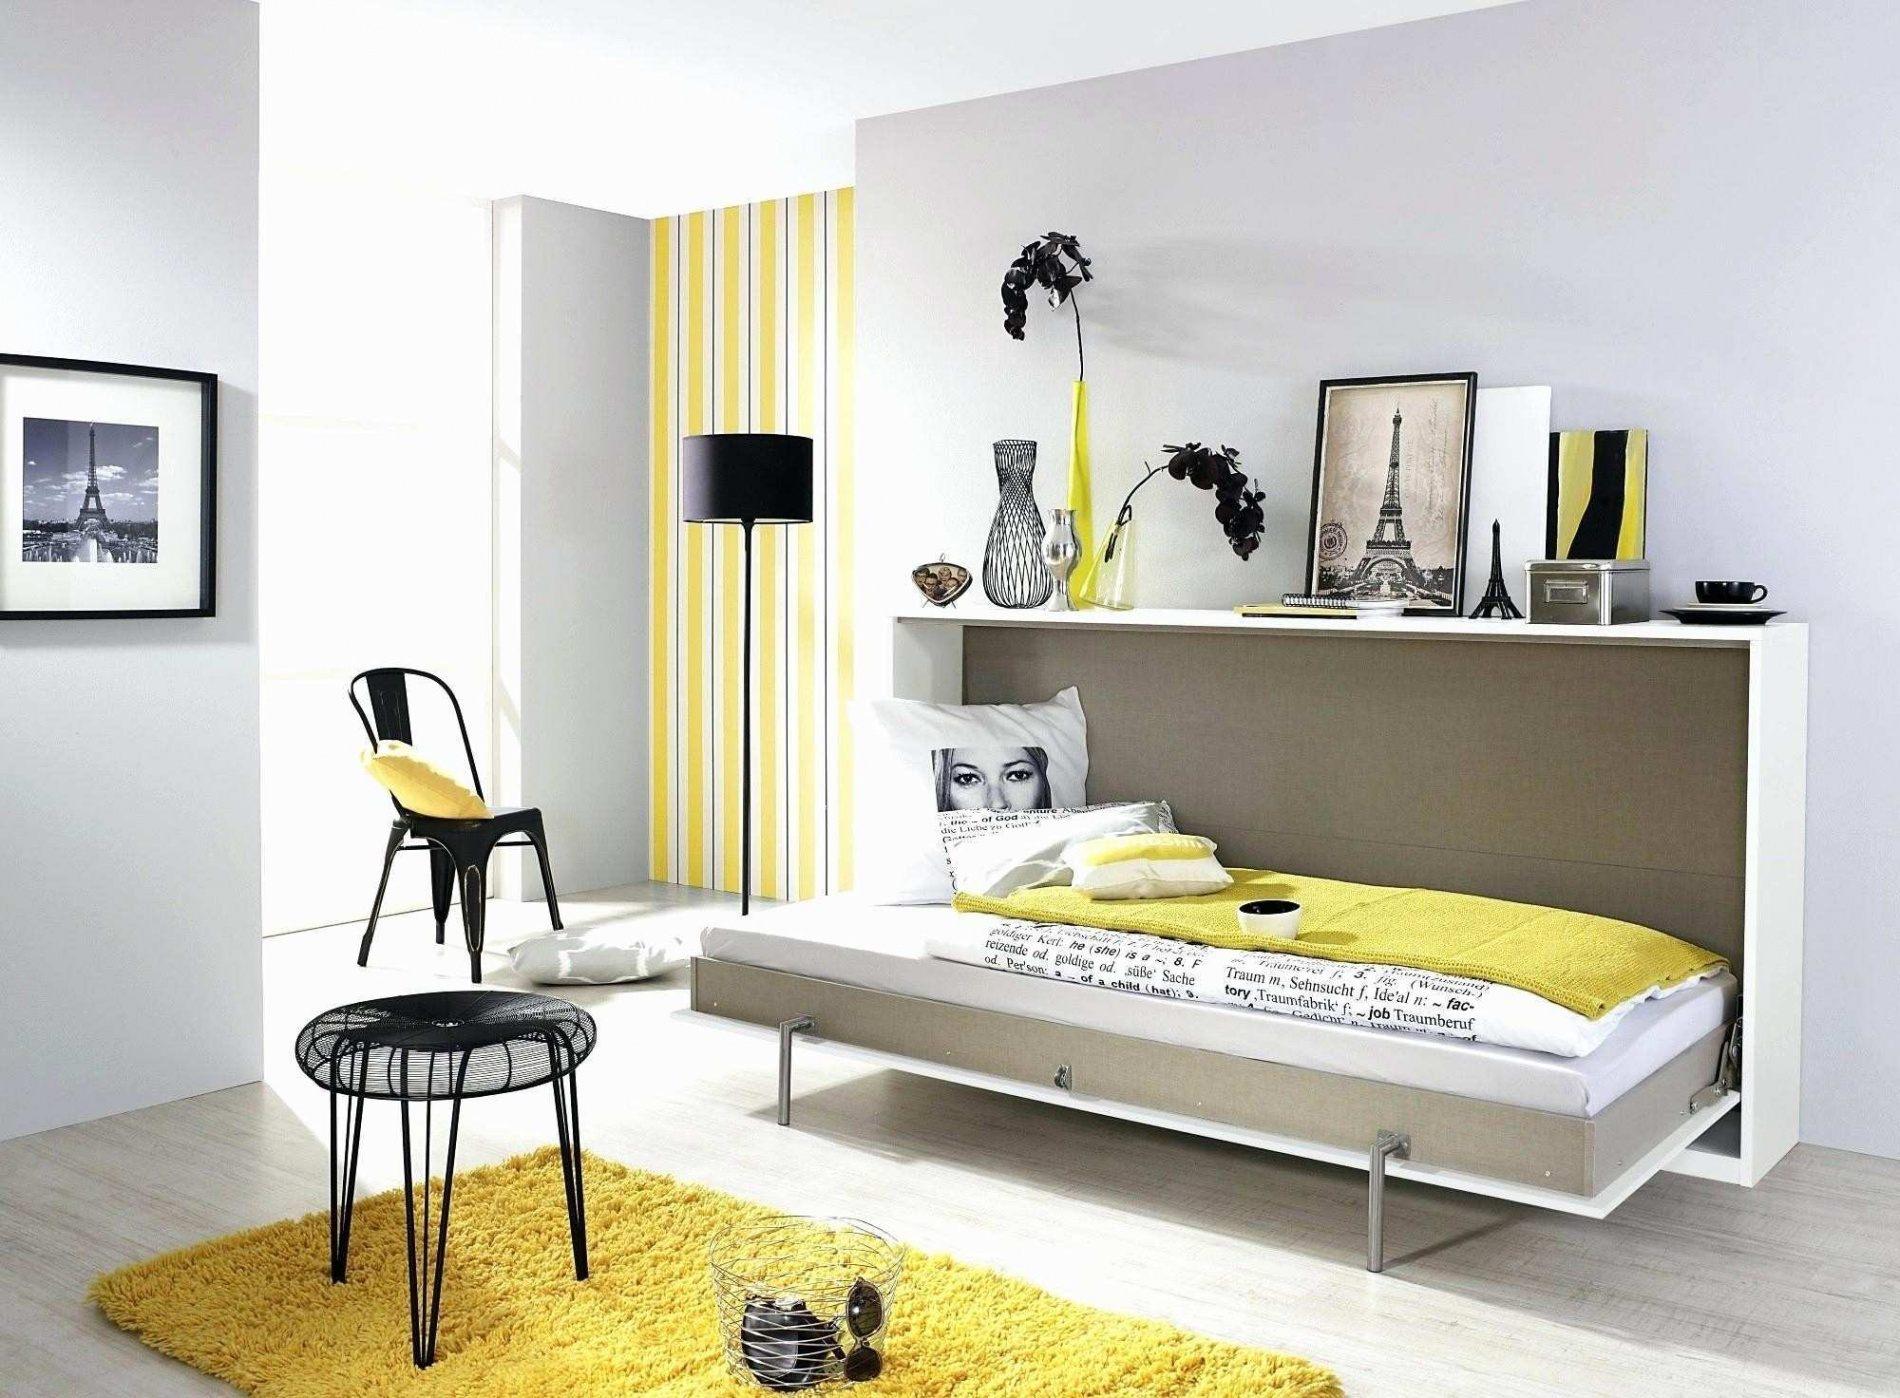 Tete De Lit 180 Avec Rangement Inspiré Tete De Lit Avec Rangement 180 Beau Image Tete De Lit Design Italien